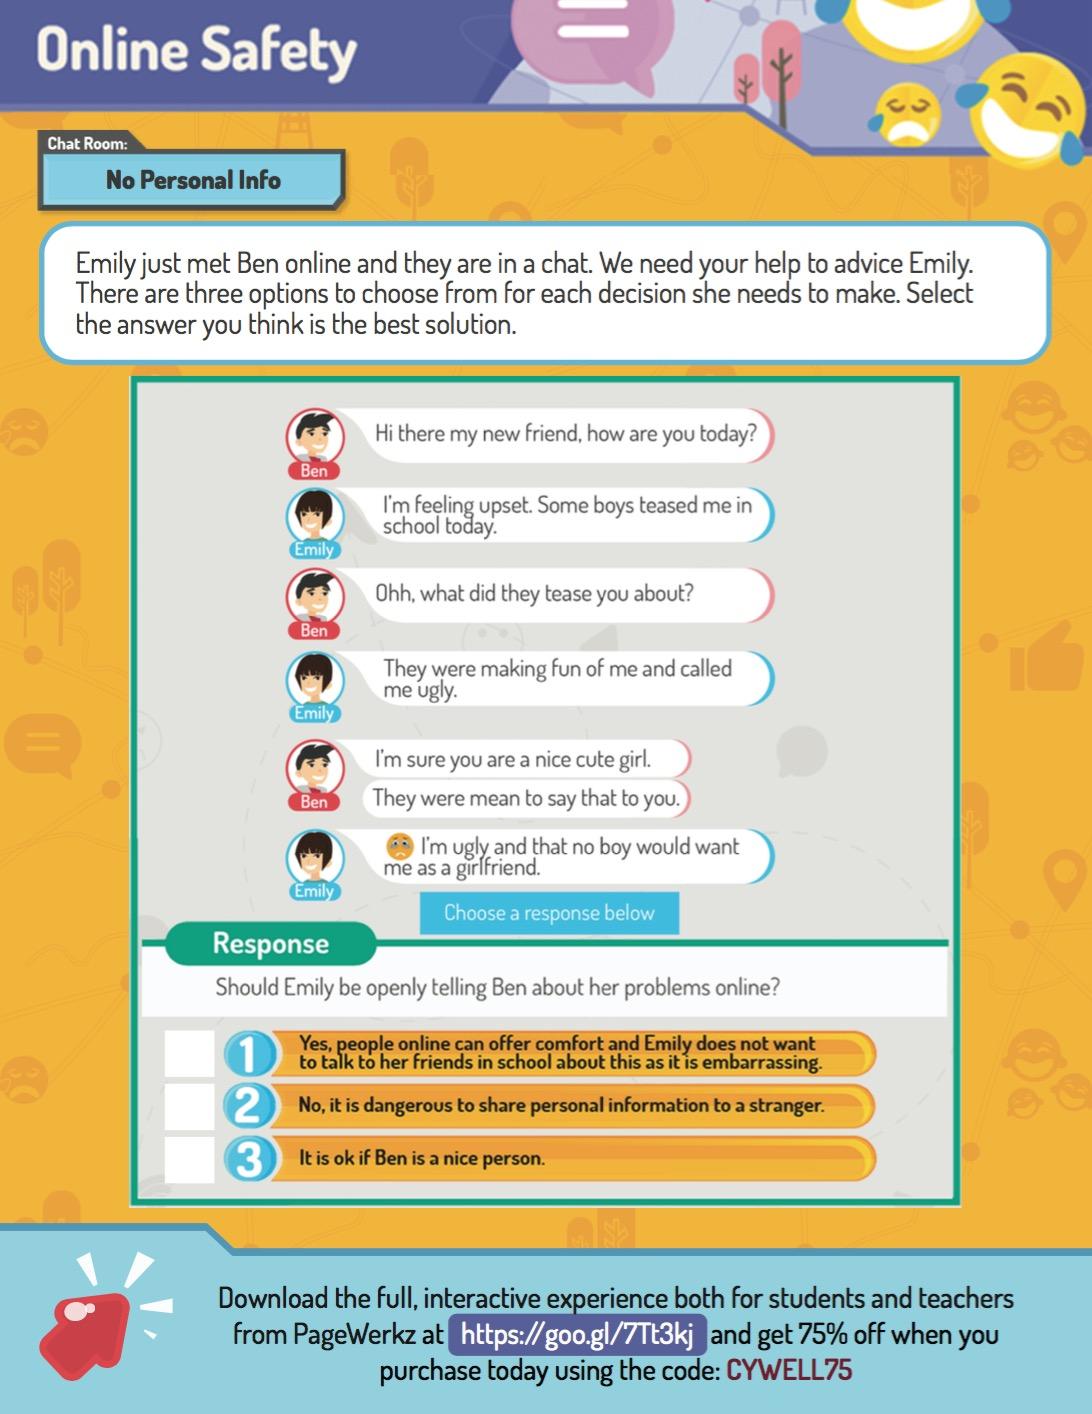 Printable Worksheets for Teachers K12 TeacherVision - mandegar.info